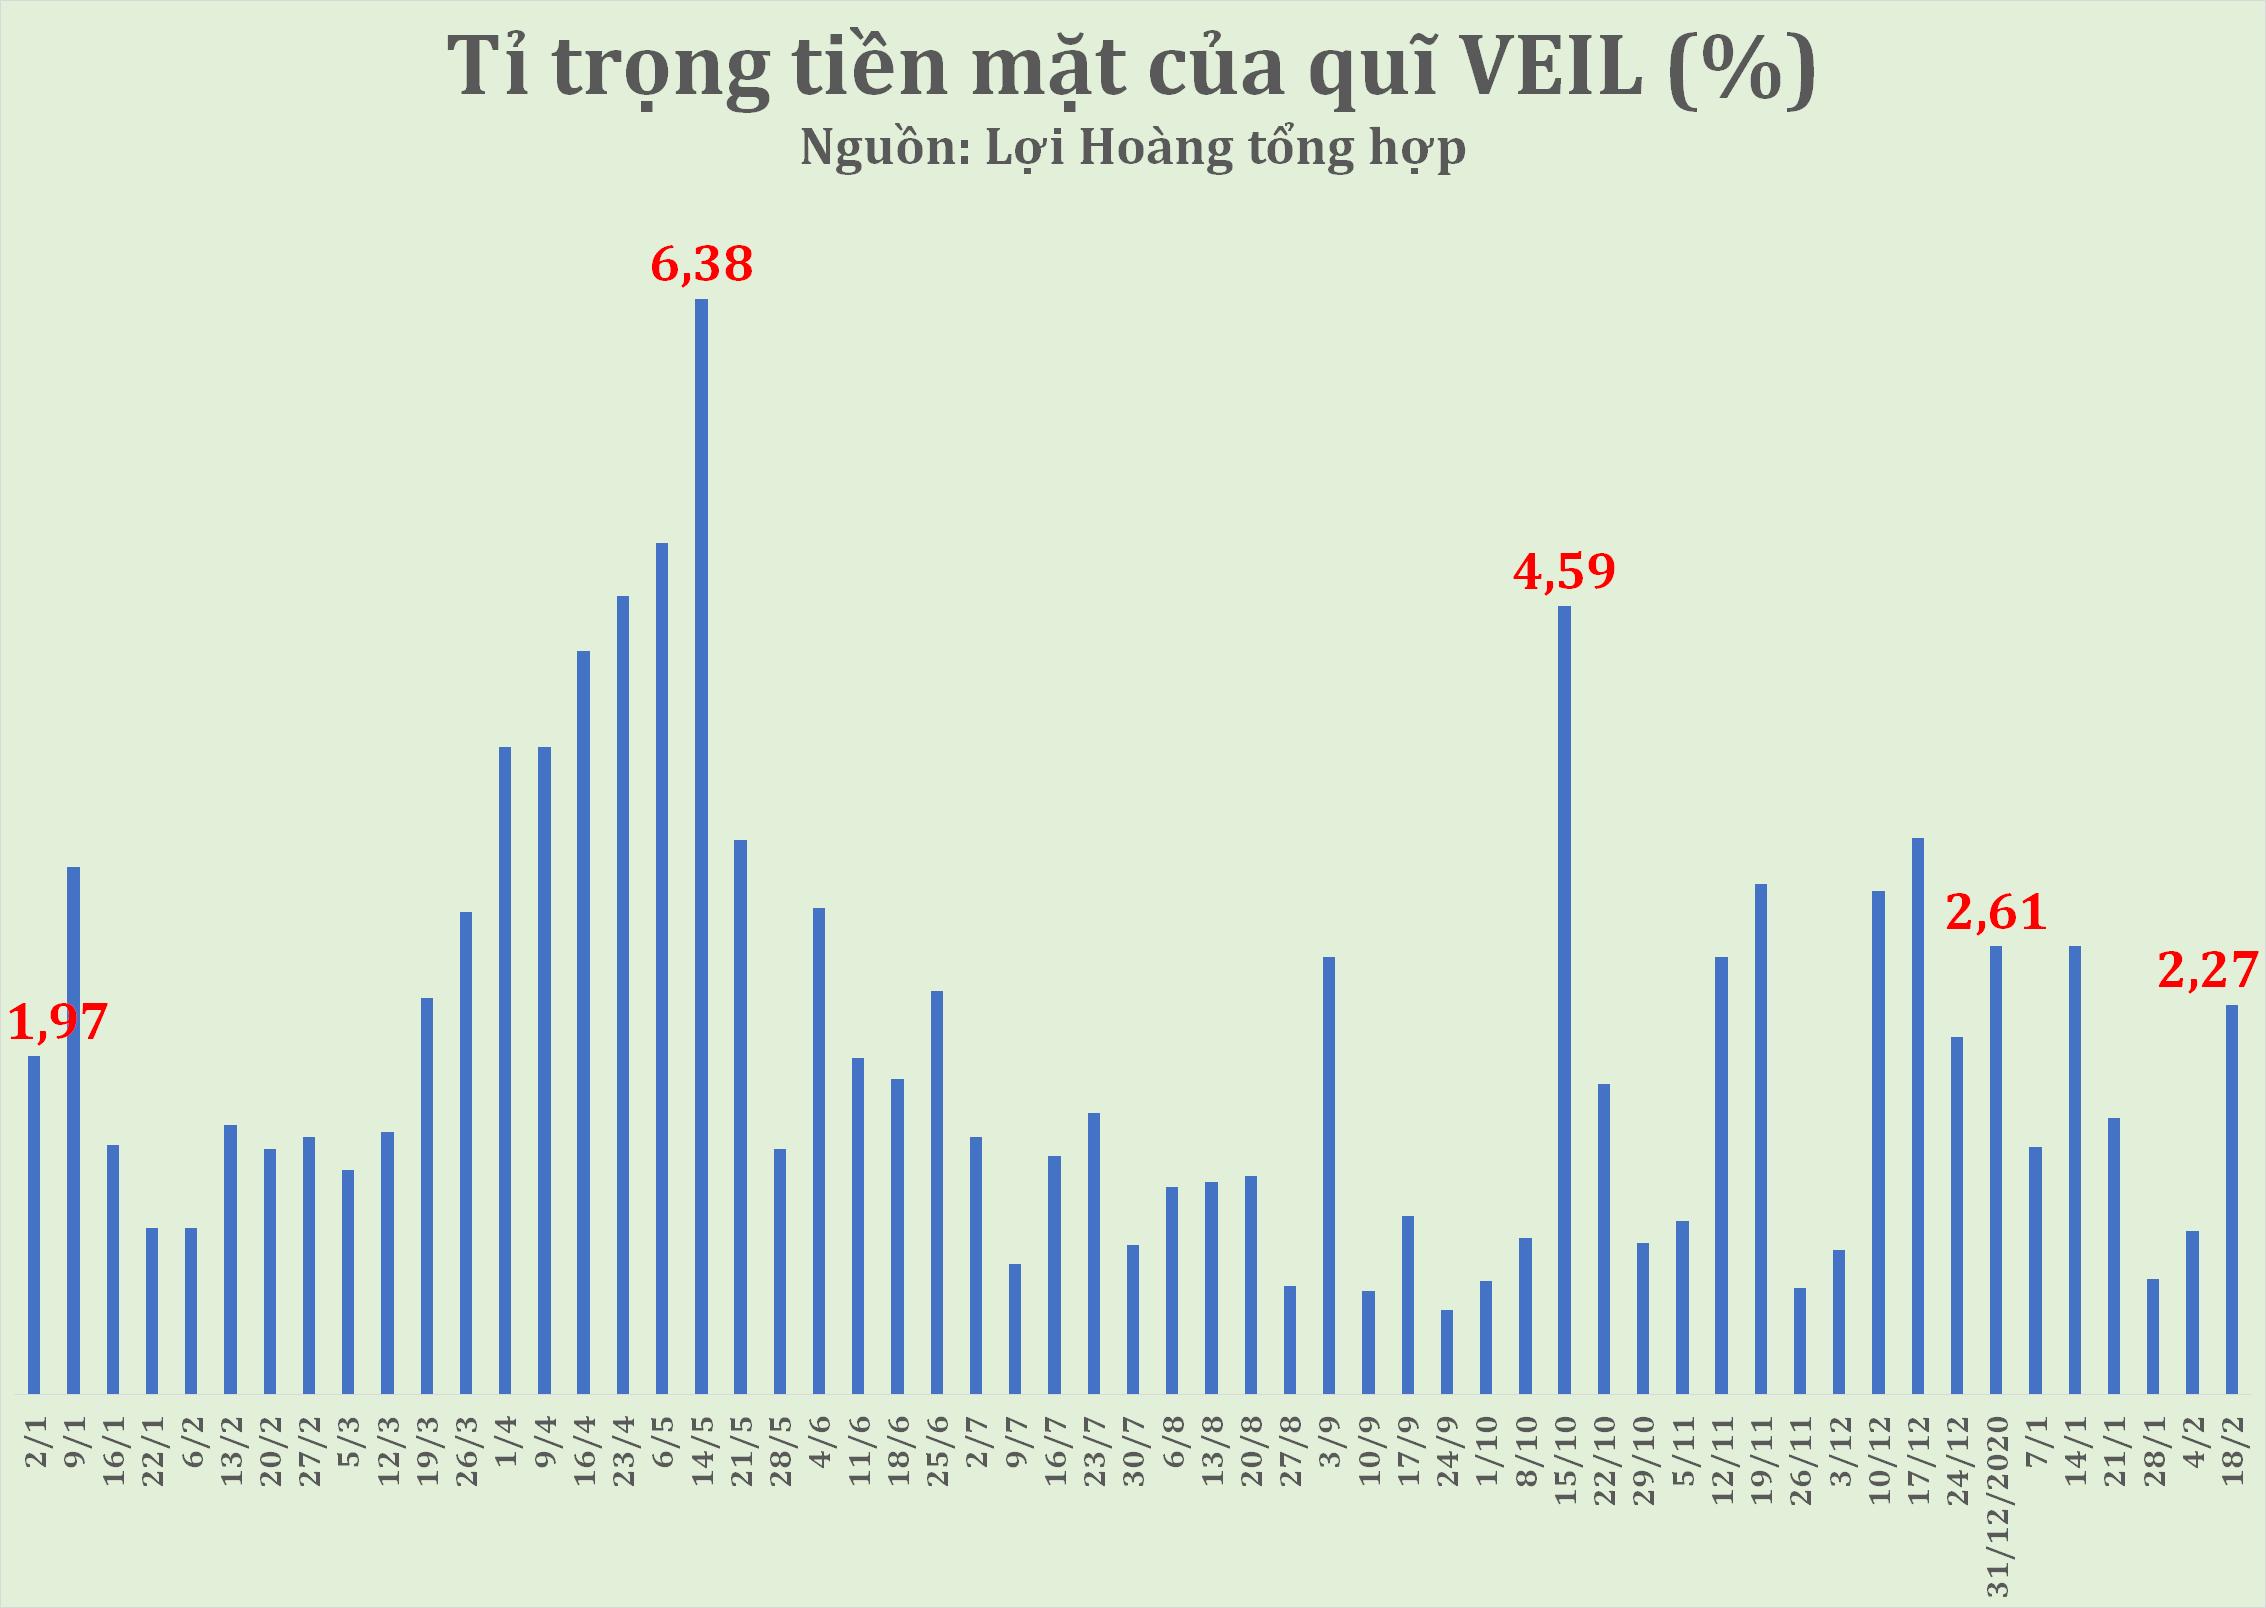 Quy mô quỹ VEIL của Dragon Capital vượt 2 tỷ USD, lãi gần 13% sau 2 tháng - Ảnh 1.